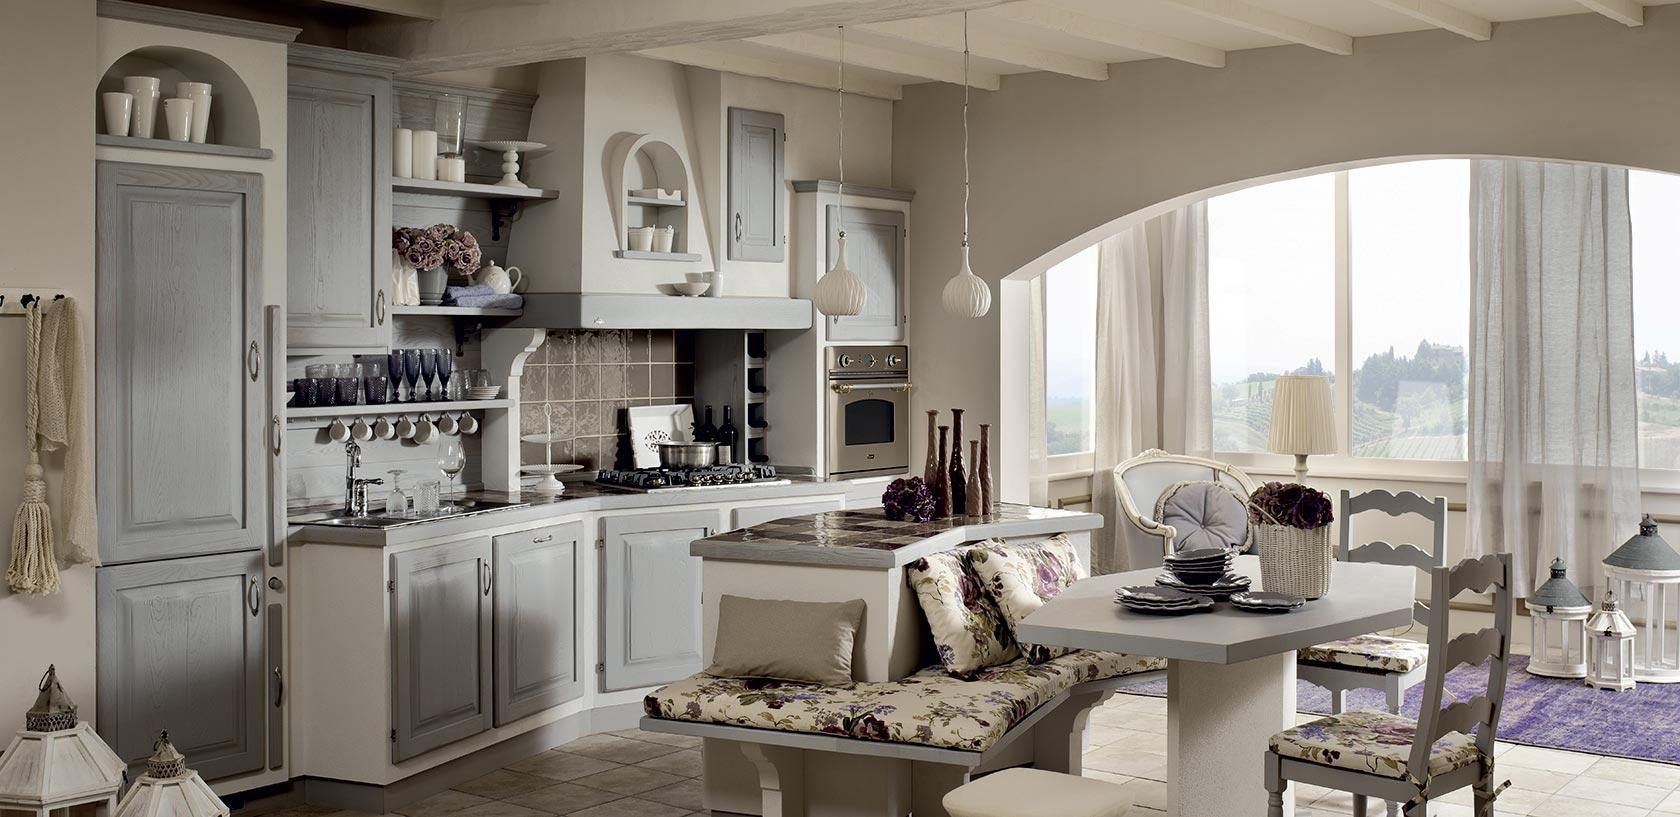 Cucine Effetto Muro Zappalorto #3A322C 1680 817 Foto Di Cucine Arte Povera